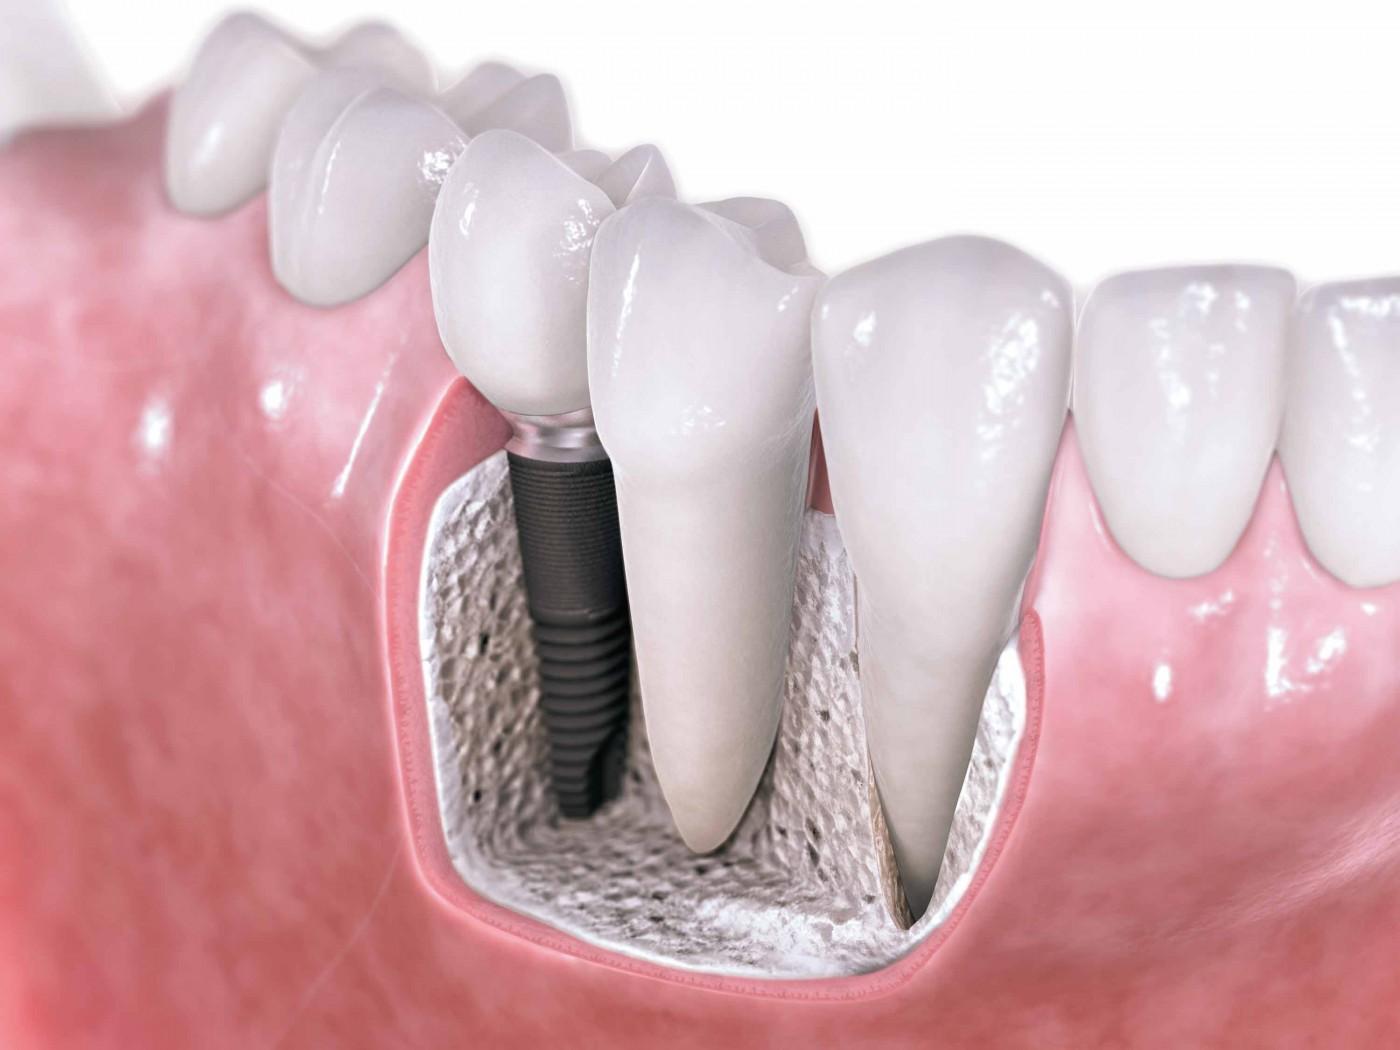 Thực hiện cấy ghép răng Implant